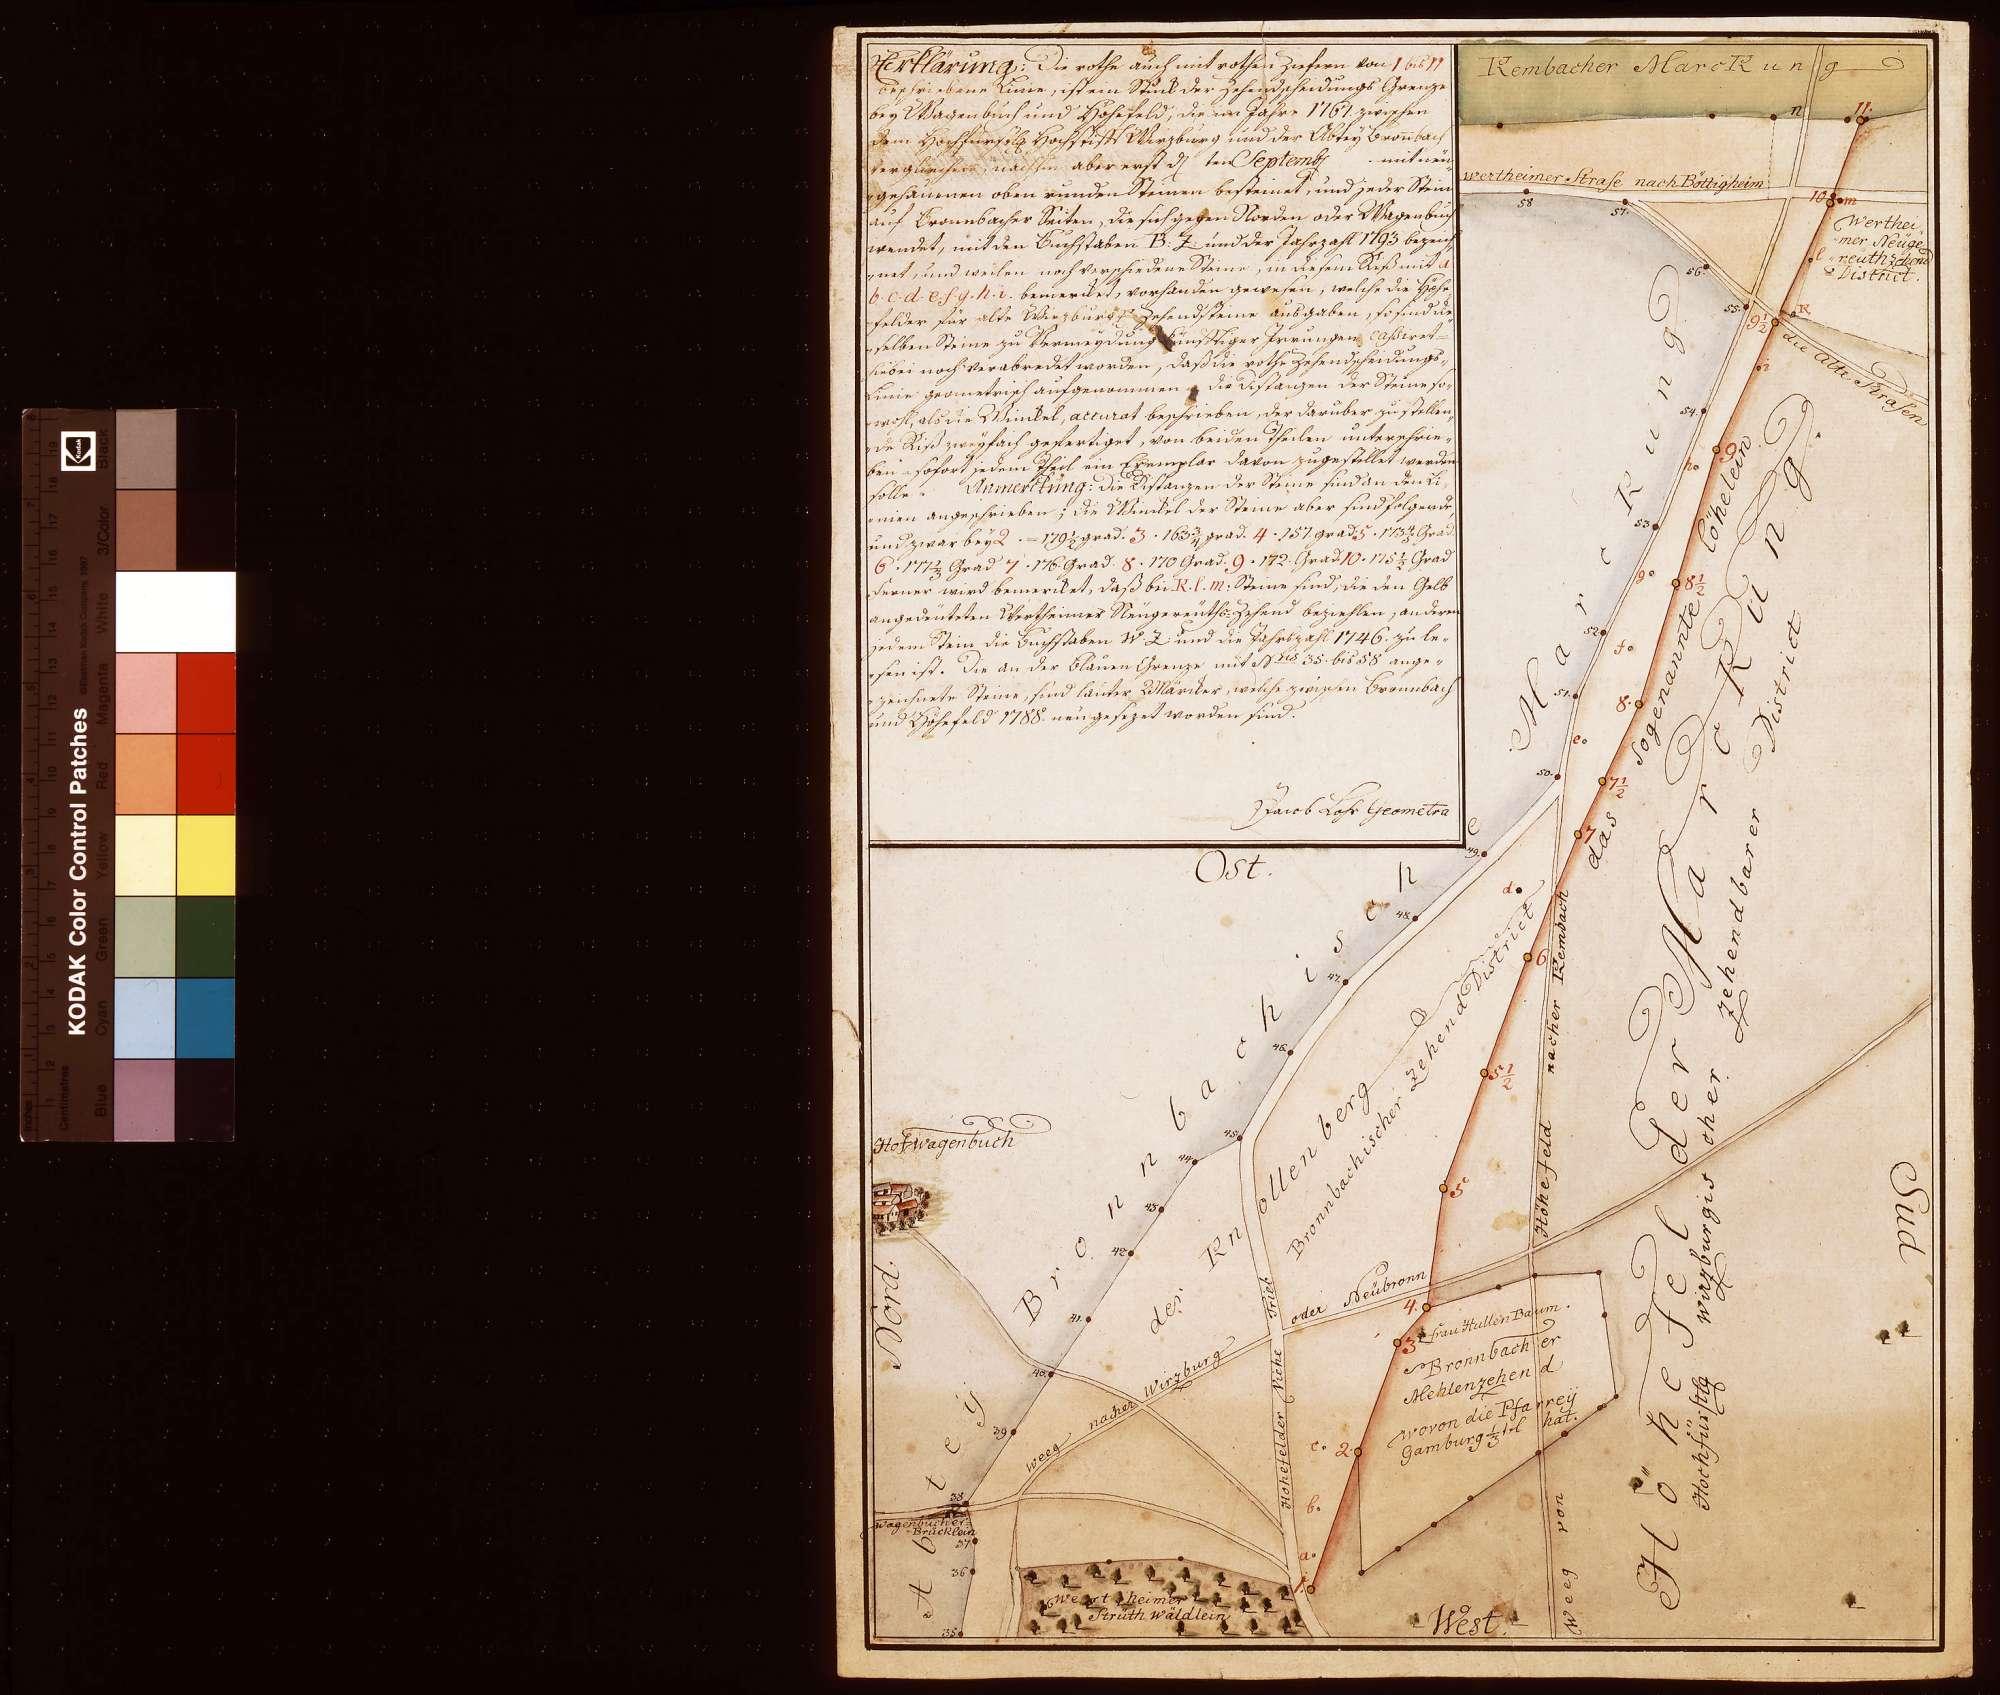 [Zehntscheidungsgrenze zwischen dem Bronnbacher Hof Wagenbuch und Höhefeld, aufgenommen nach der Kassation der alten Grenzsteine 1794], Bild 1